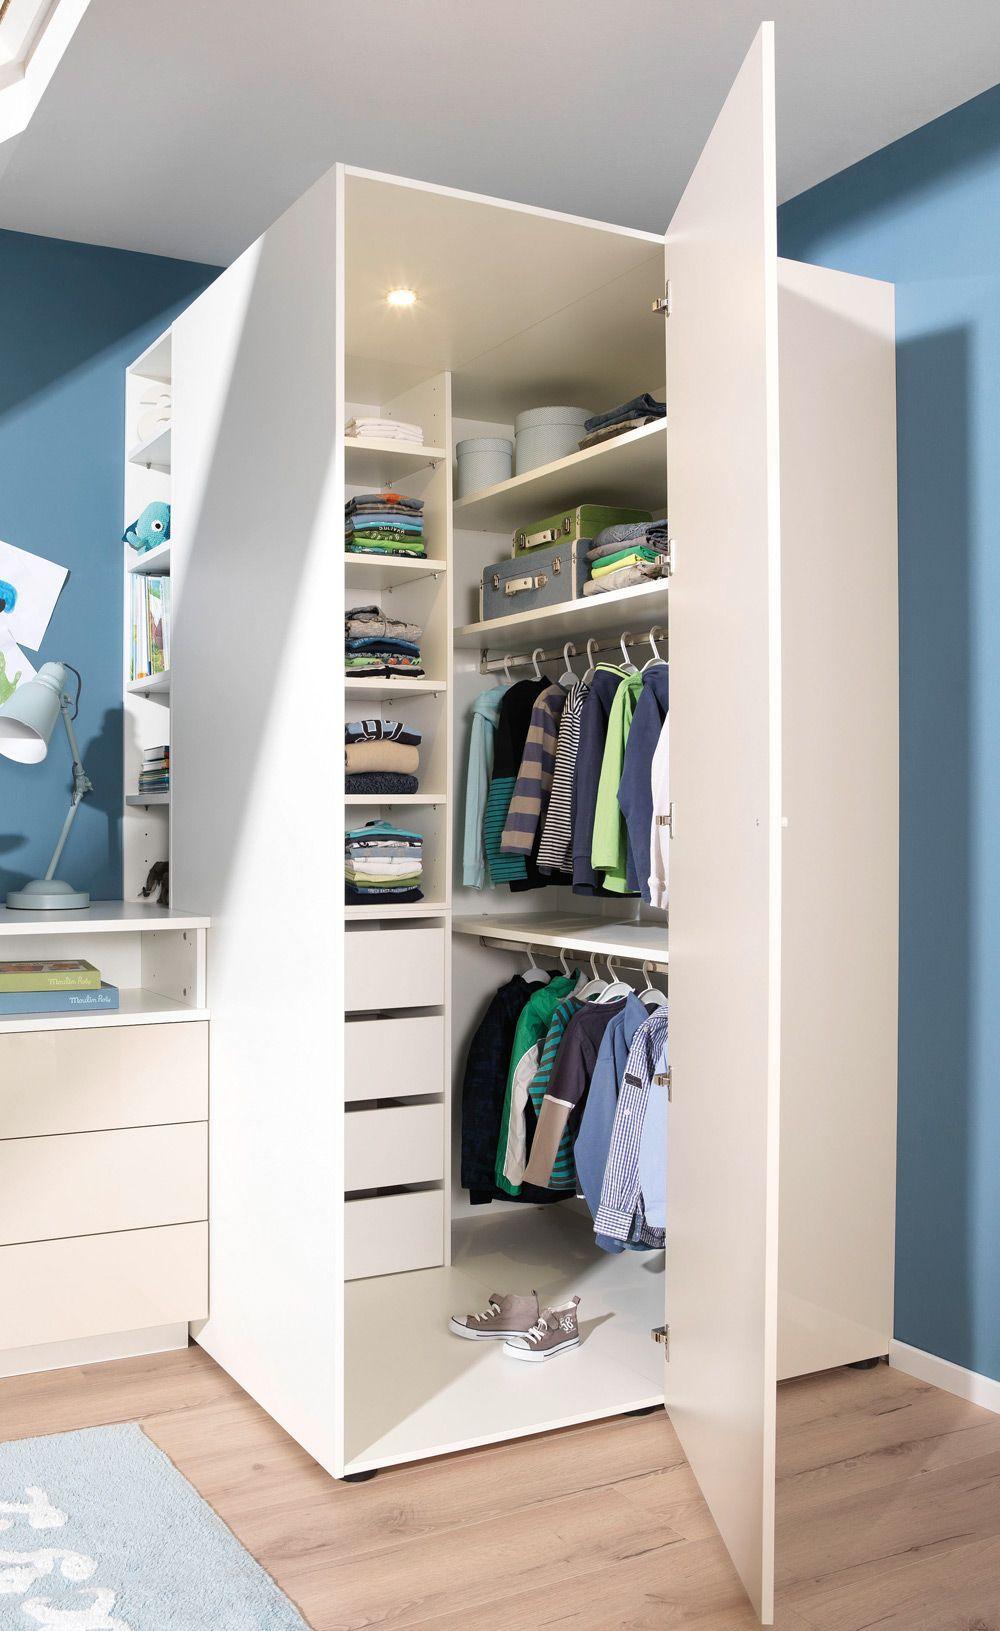 Billig Begehbarer Kleiderschrank Fur Kinderzimmer Cama Para